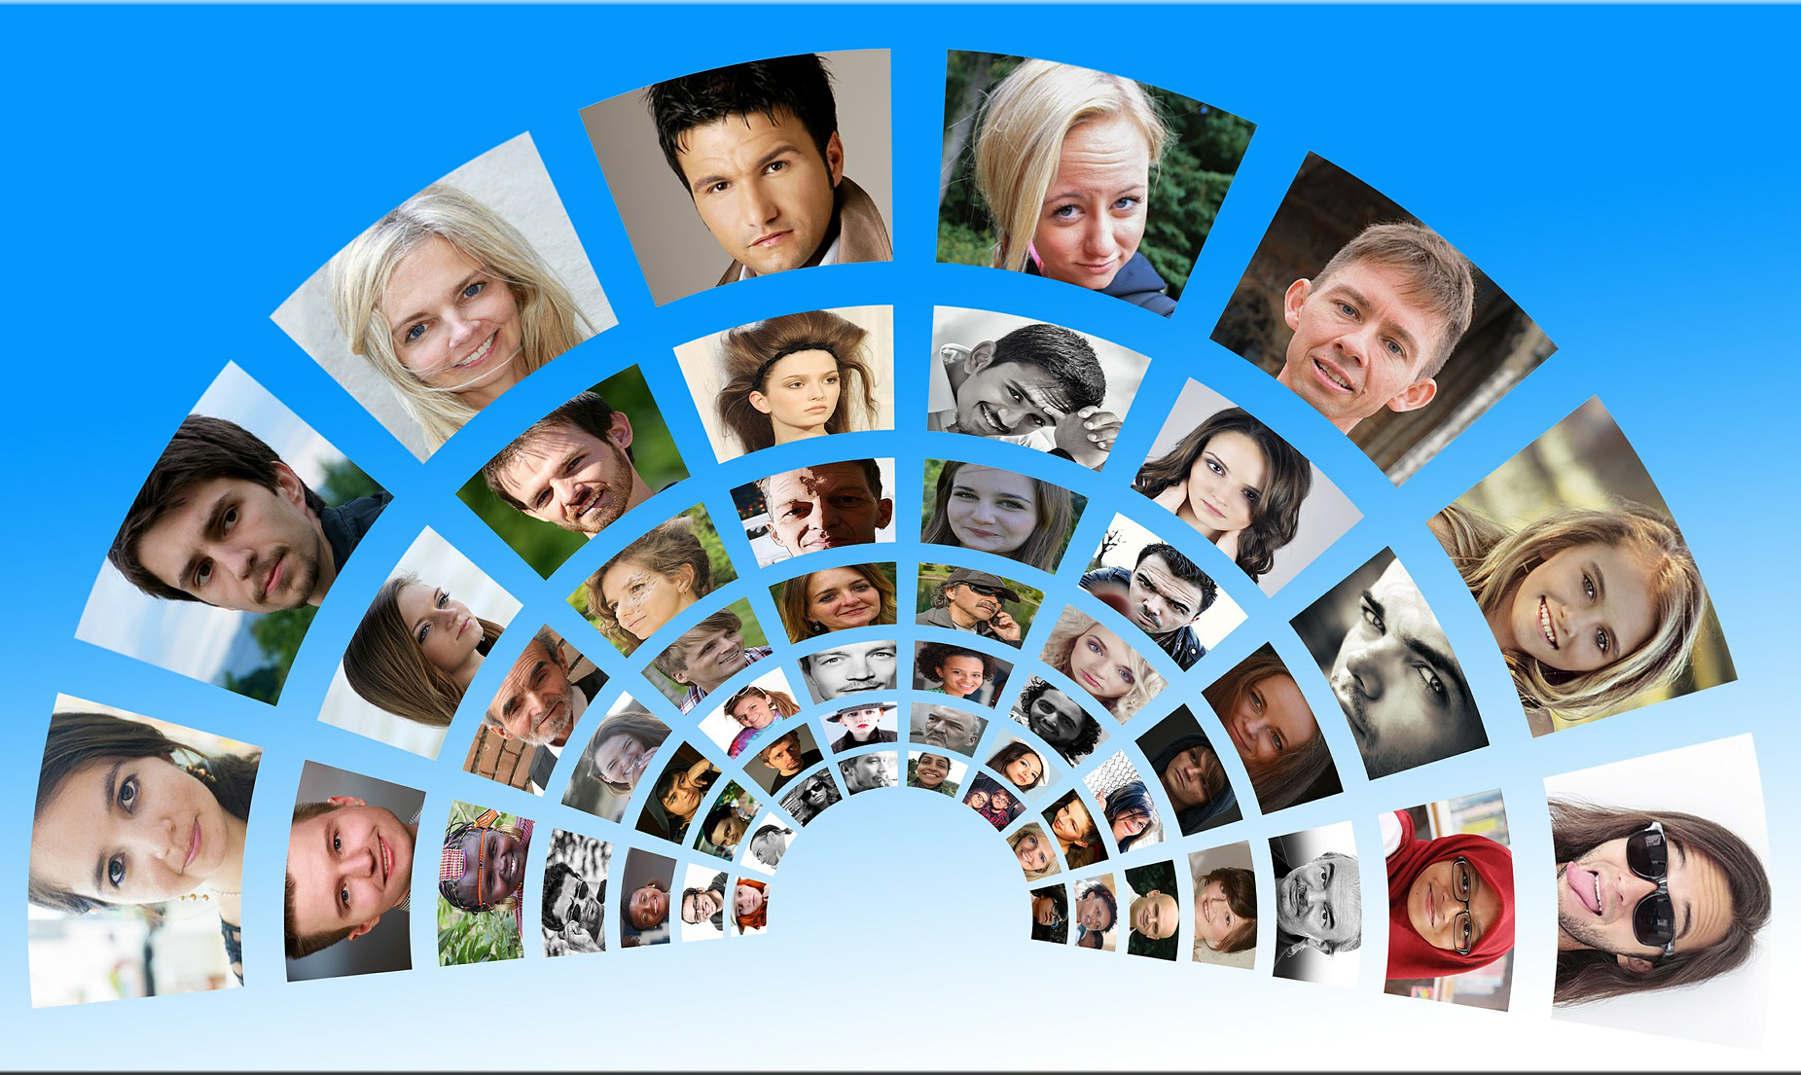 Formas de conocer gente online quero foder Matosinho-54465